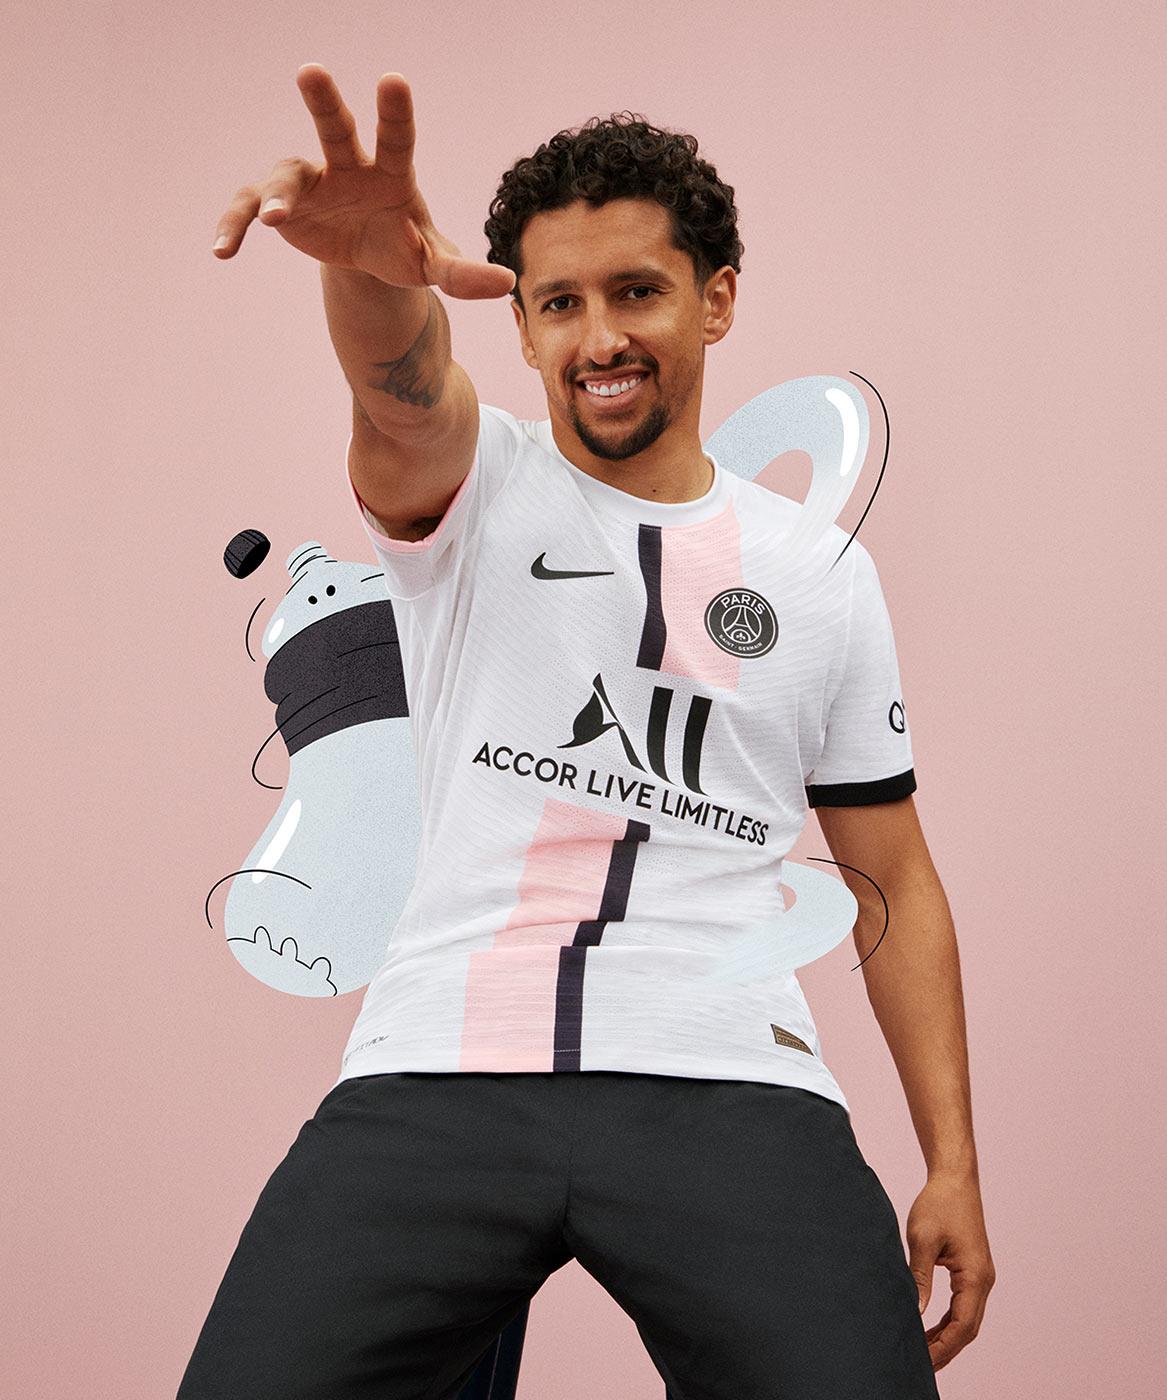 Seconda maglia PSG 2021-2022 con un rosanero mai visto prima!